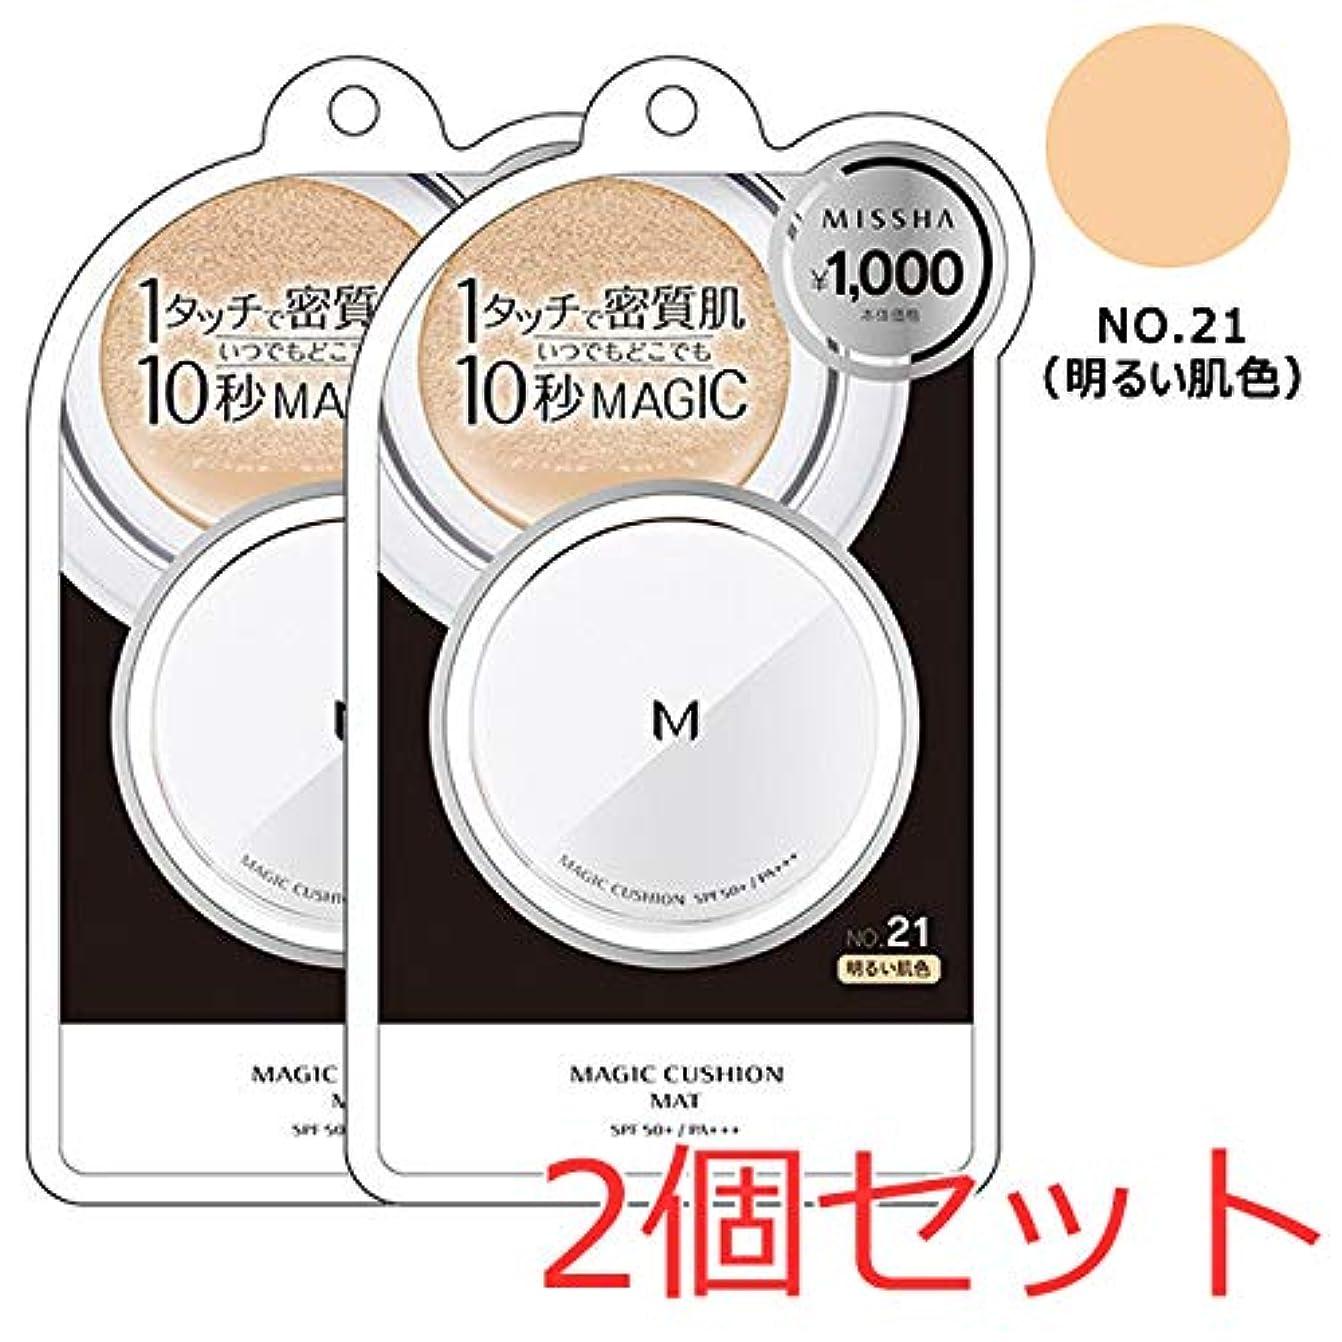 思慮のない異議サンダーミシャ M クッション ファンデーション (マット) No.21 明るい肌色 2個セット